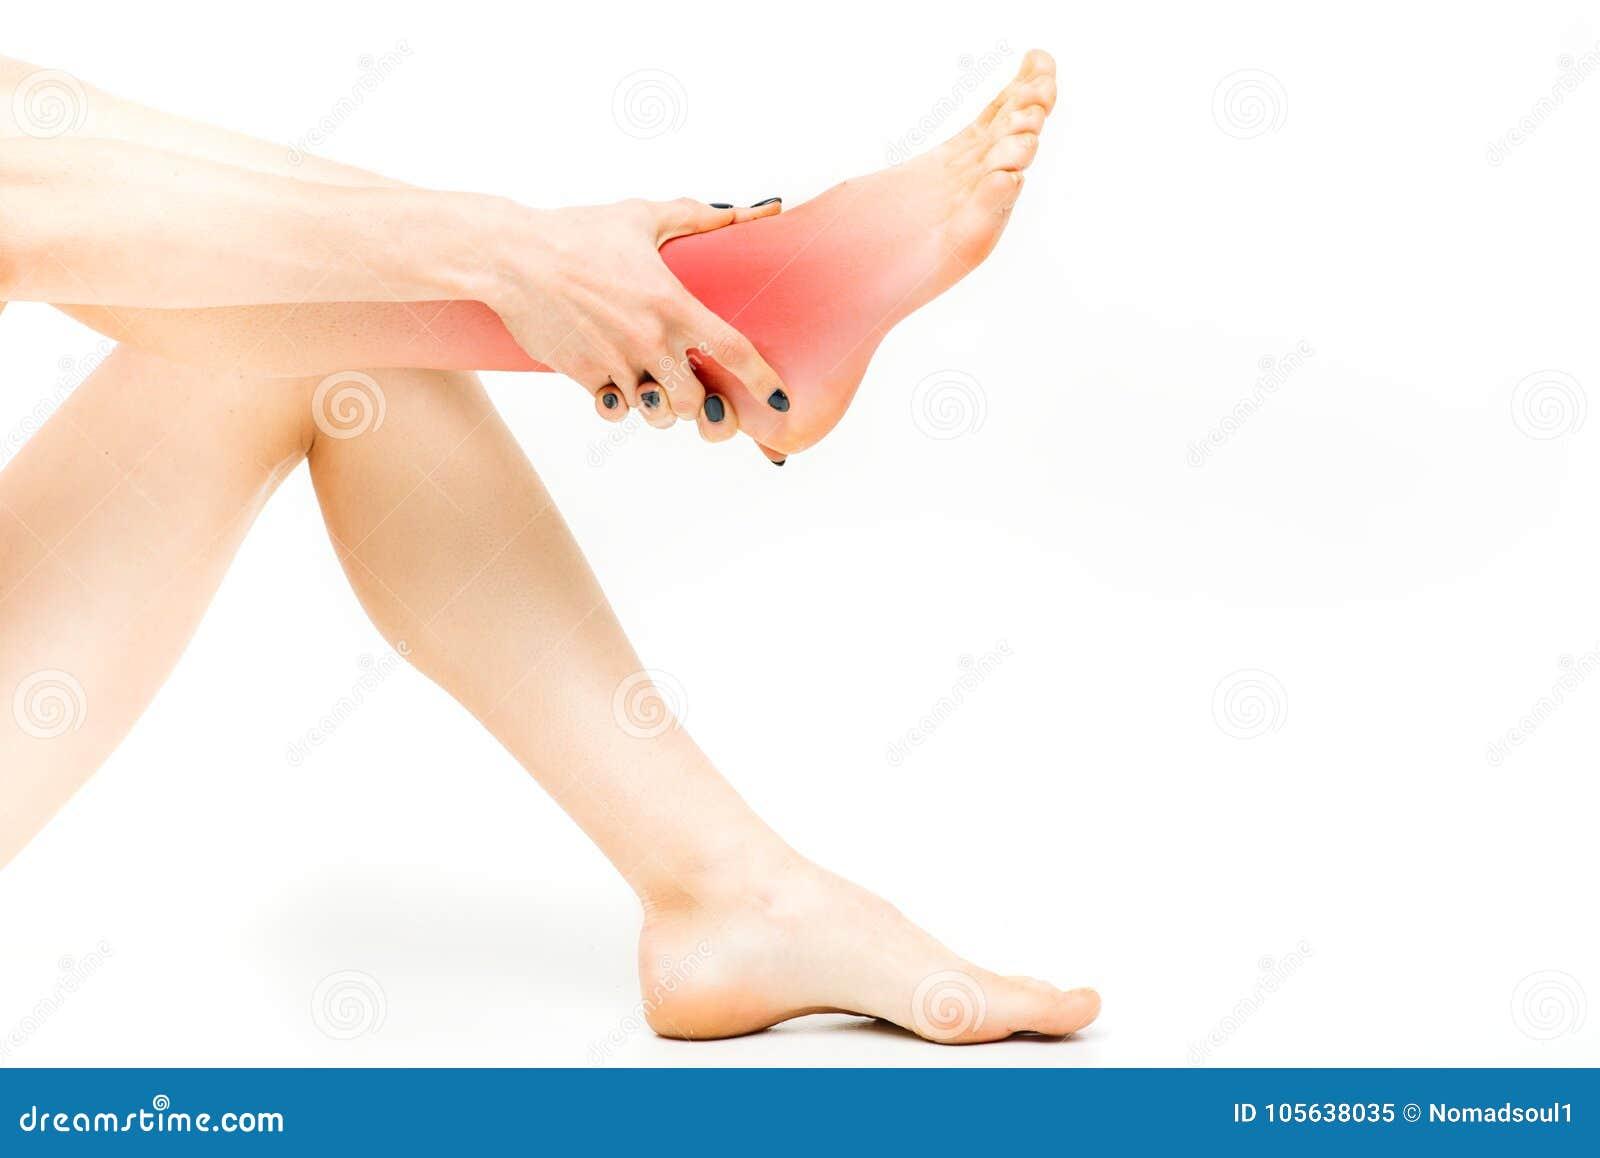 Dolor común, persona femenina con estirar de la pierna